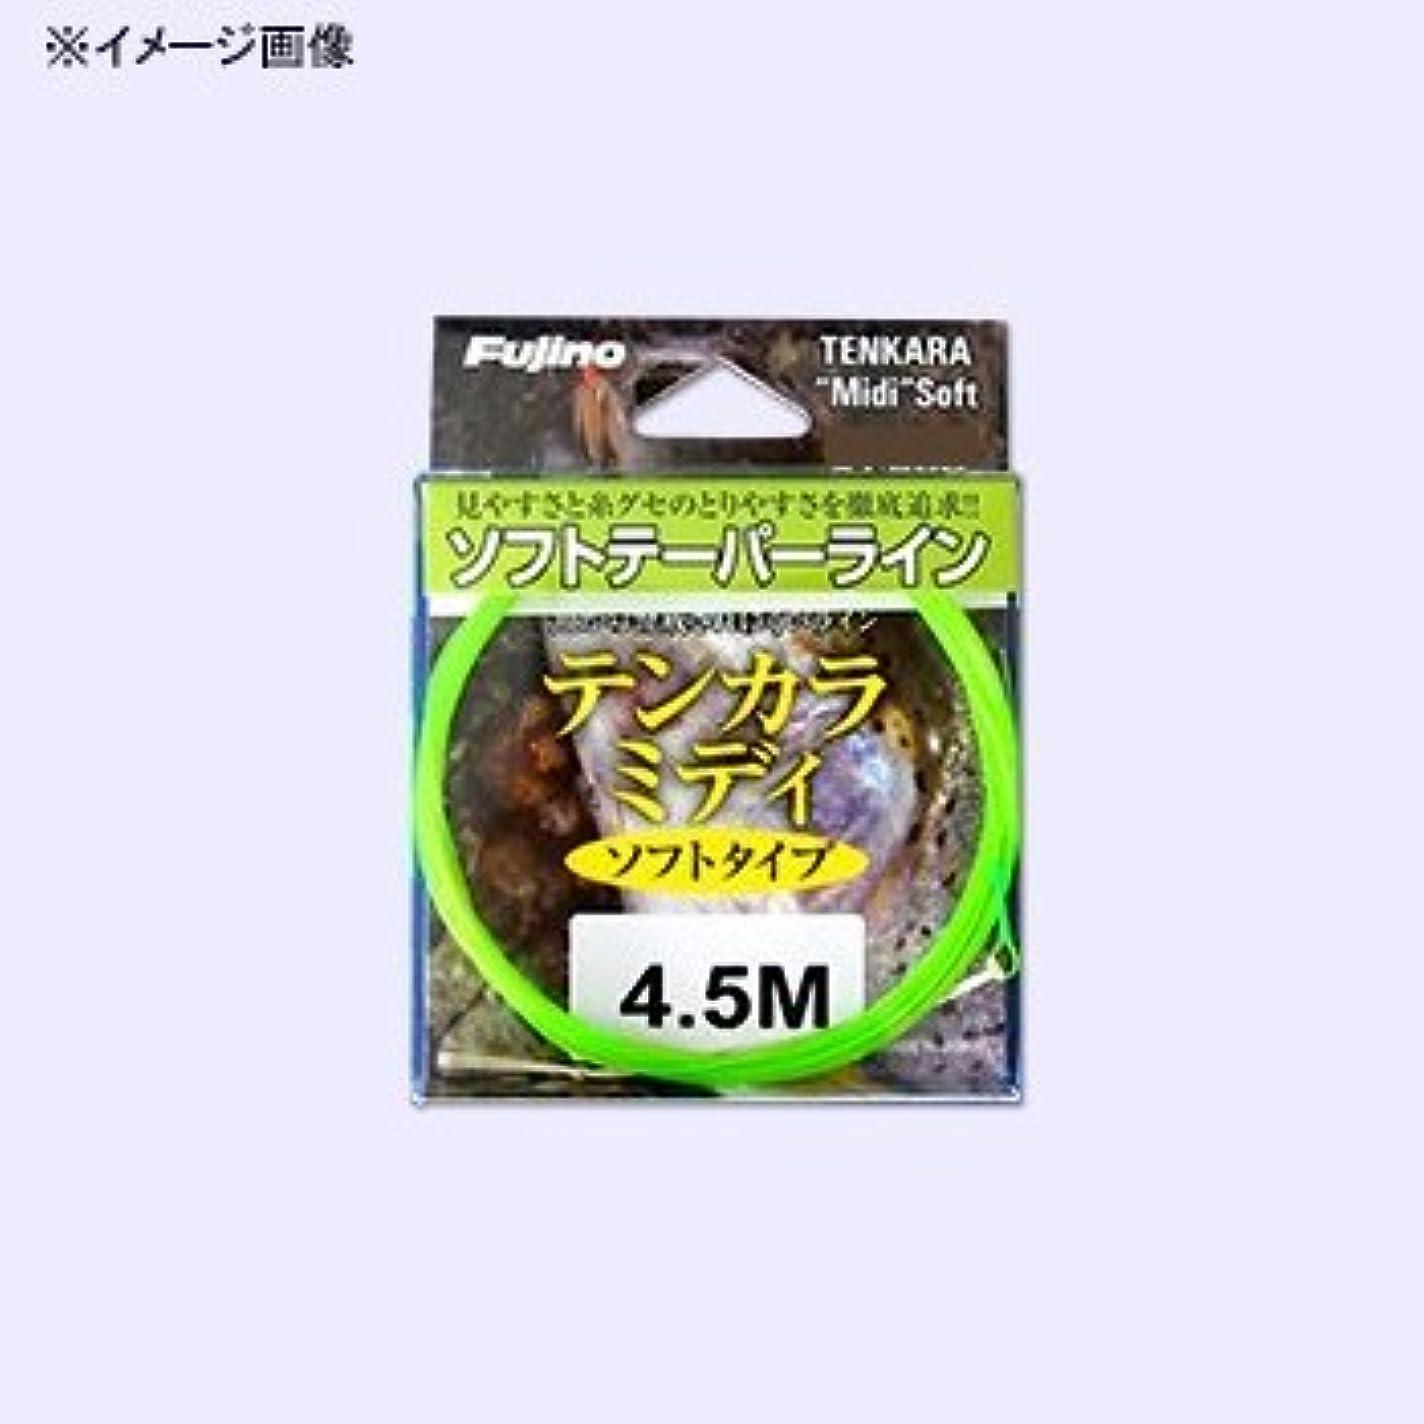 思い出すおそらく指Fujino(フジノ) テンカラライン テンカラミディ ソフトタイプ ナイロン 3.3m グリーン K-20S